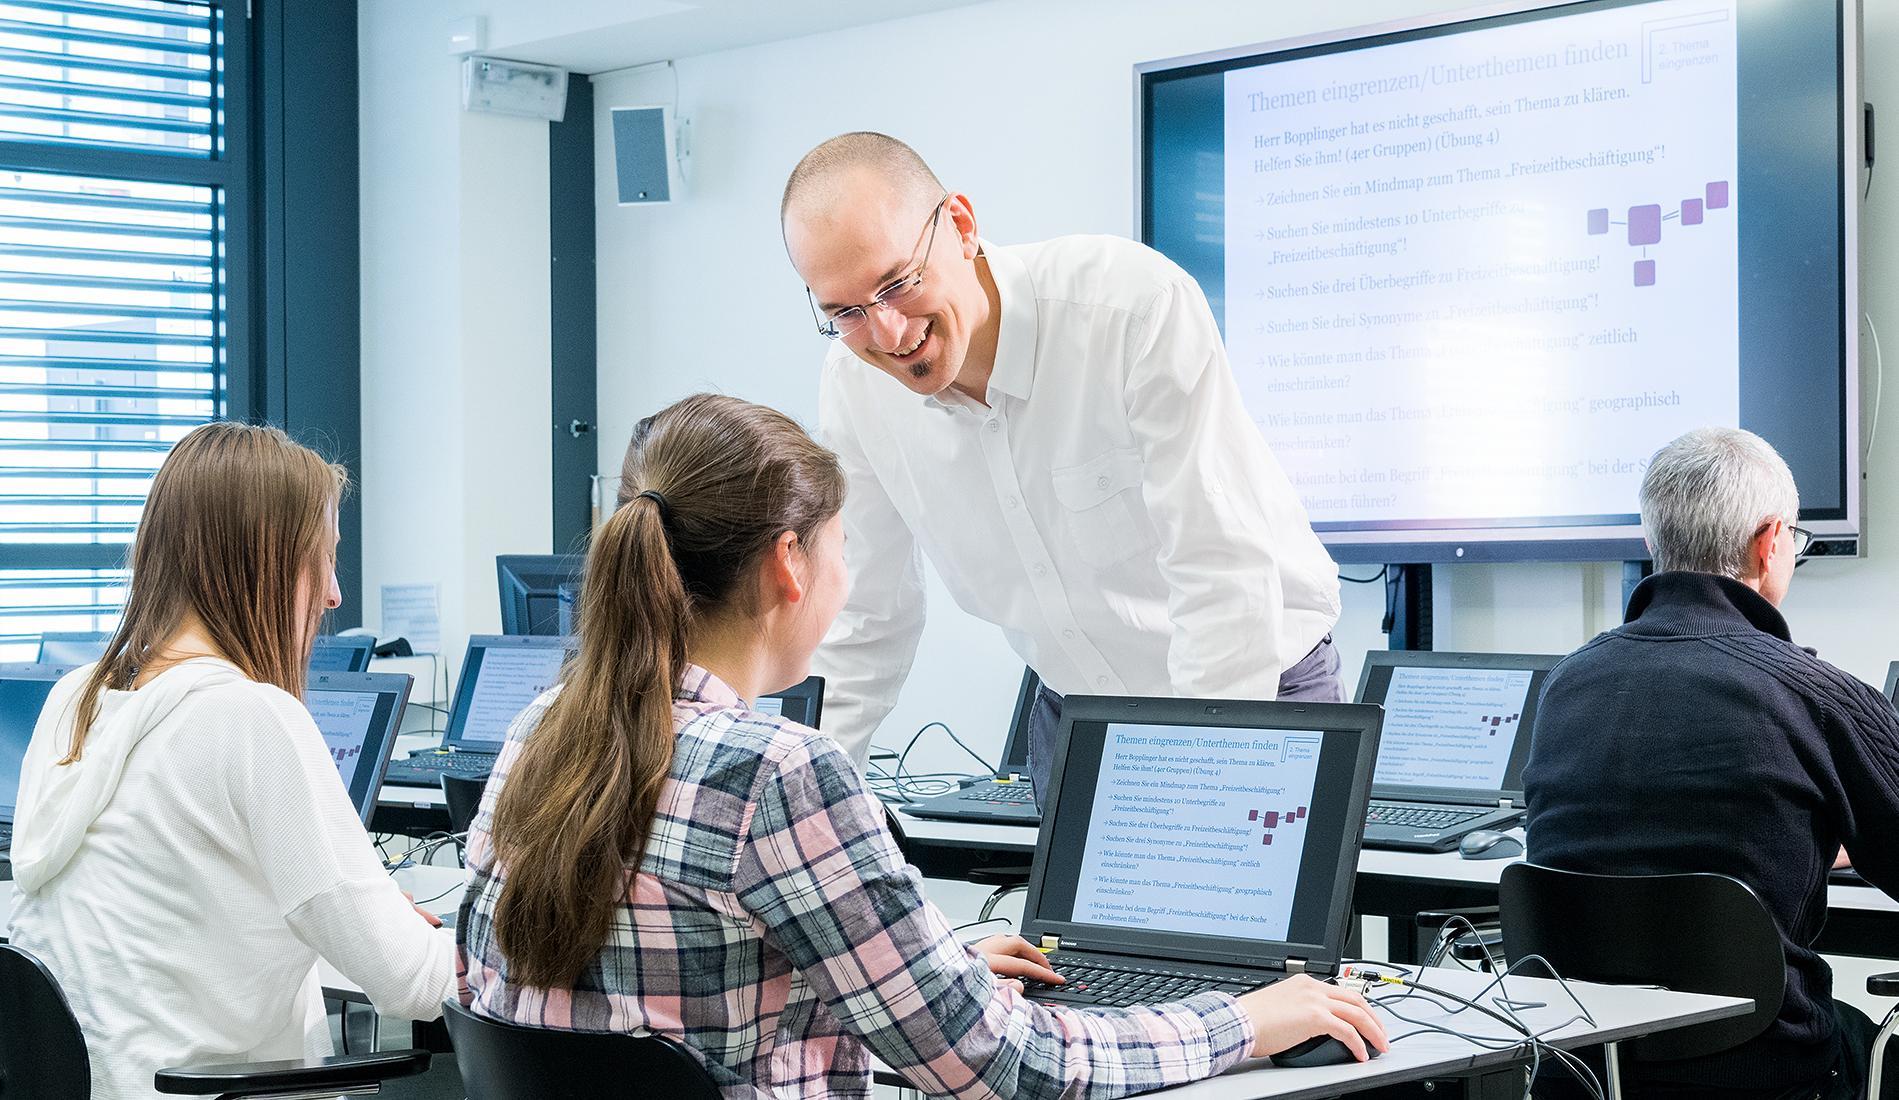 In unseren Schulungen werden Nutzende im Umgang mit Information und Wissen in der digitalen Welt fit gemacht.